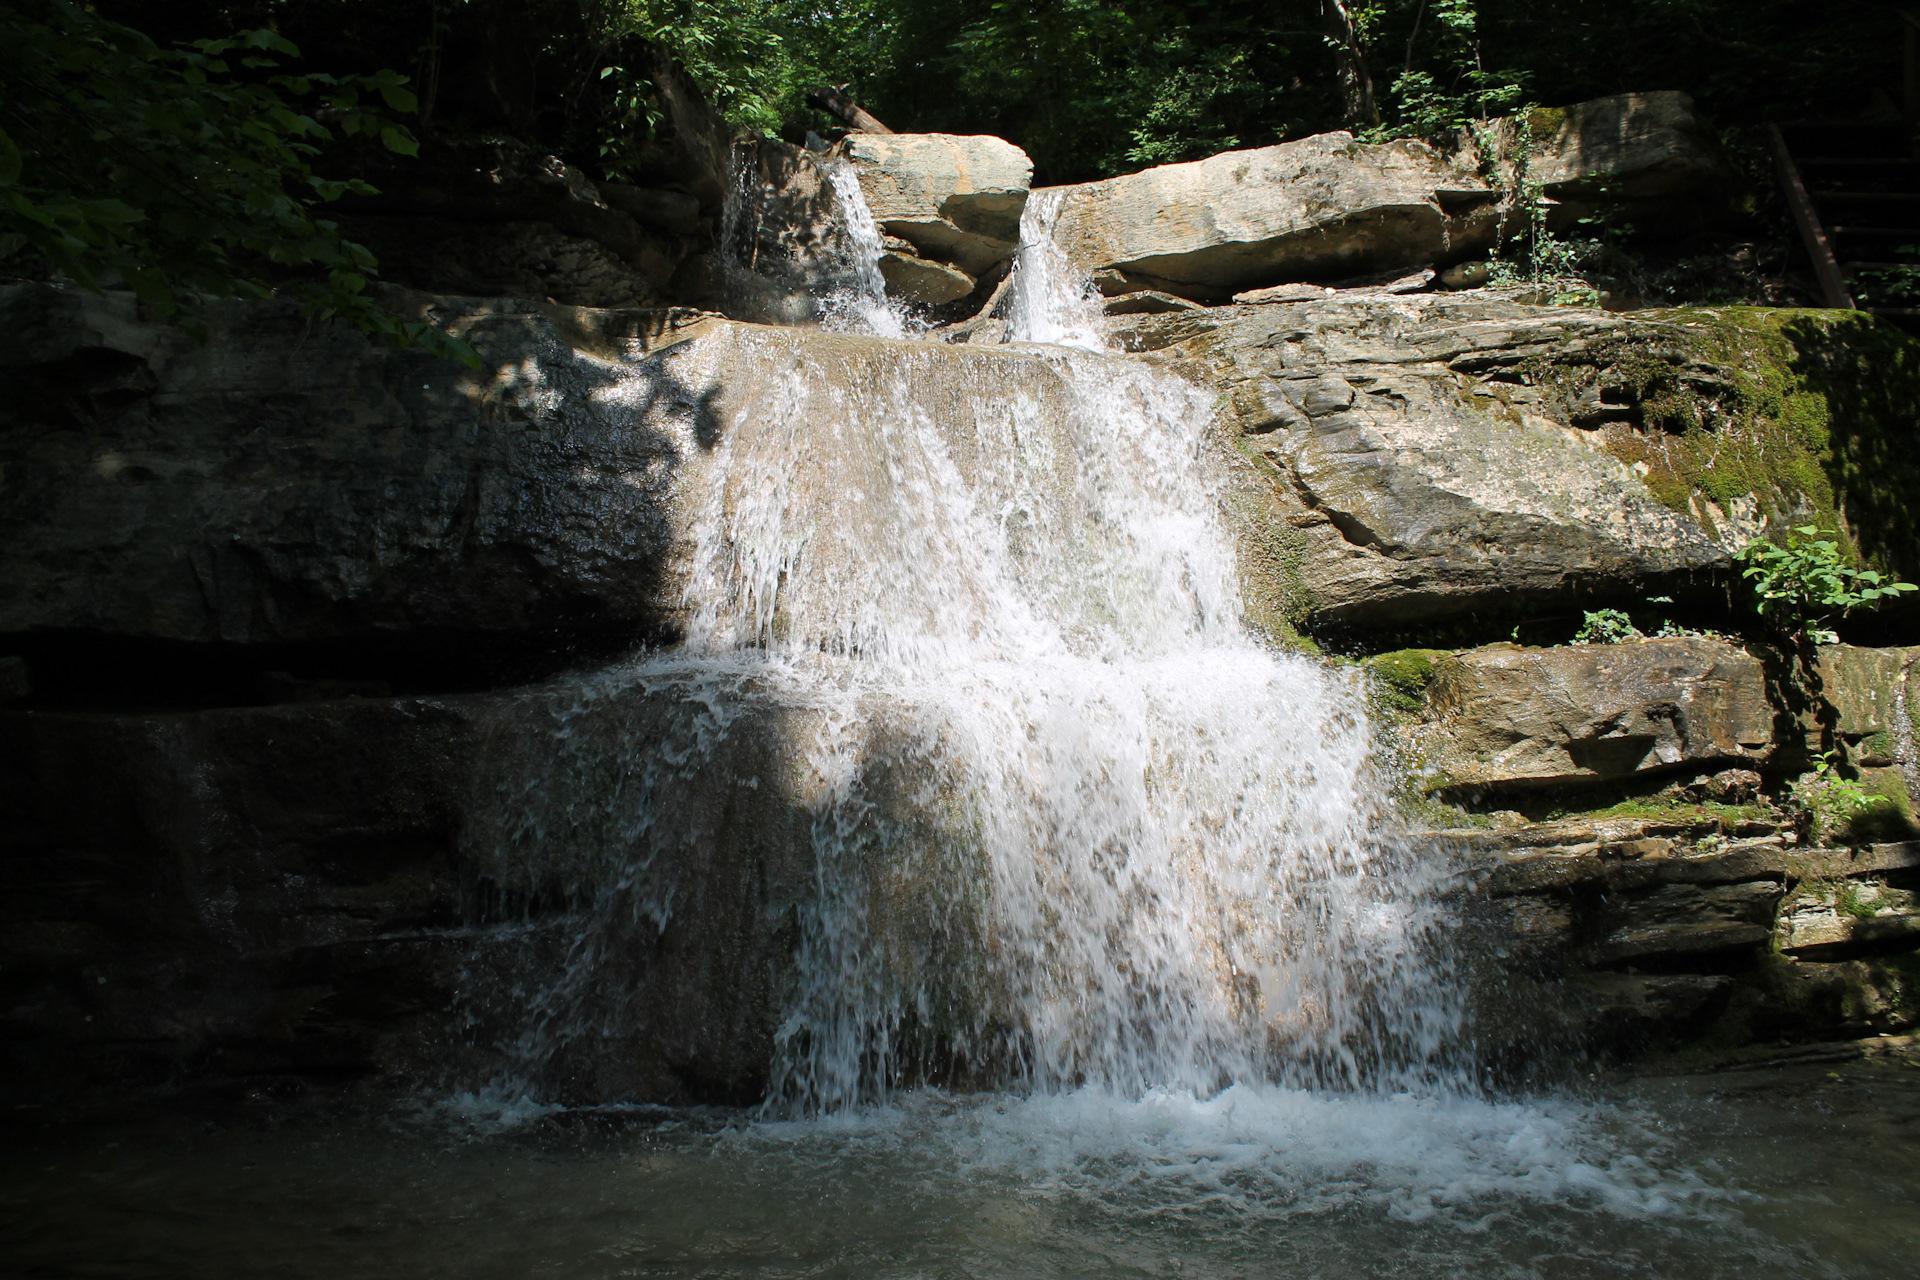 успешных тв-программ водопады геленджика фото и описание фото готовых изделий